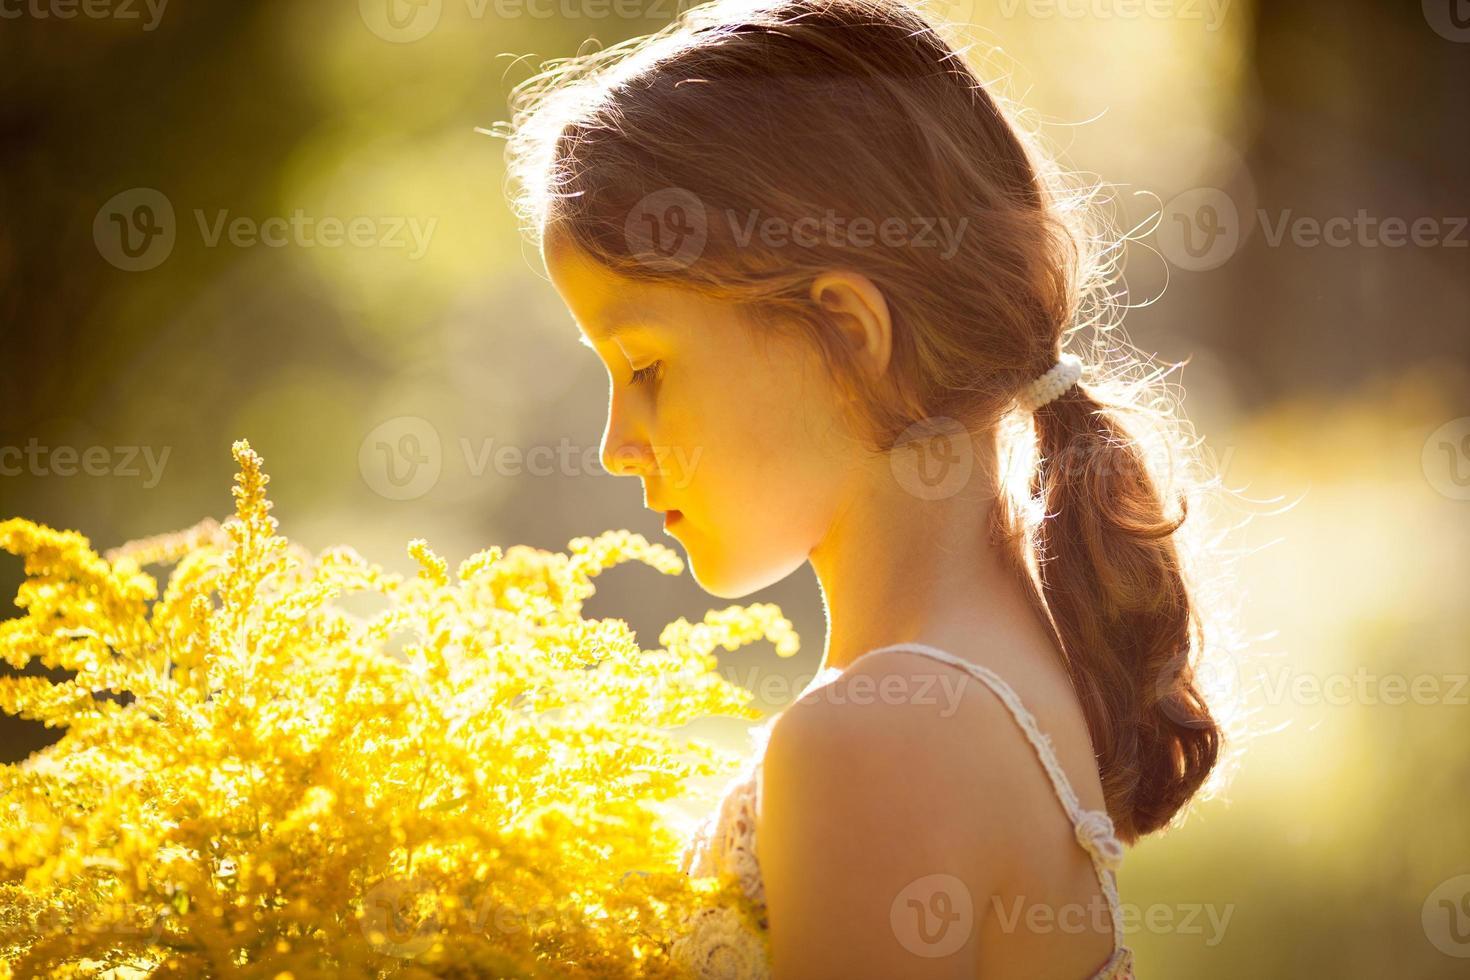 bambina in piedi con un mazzo di fiori foto